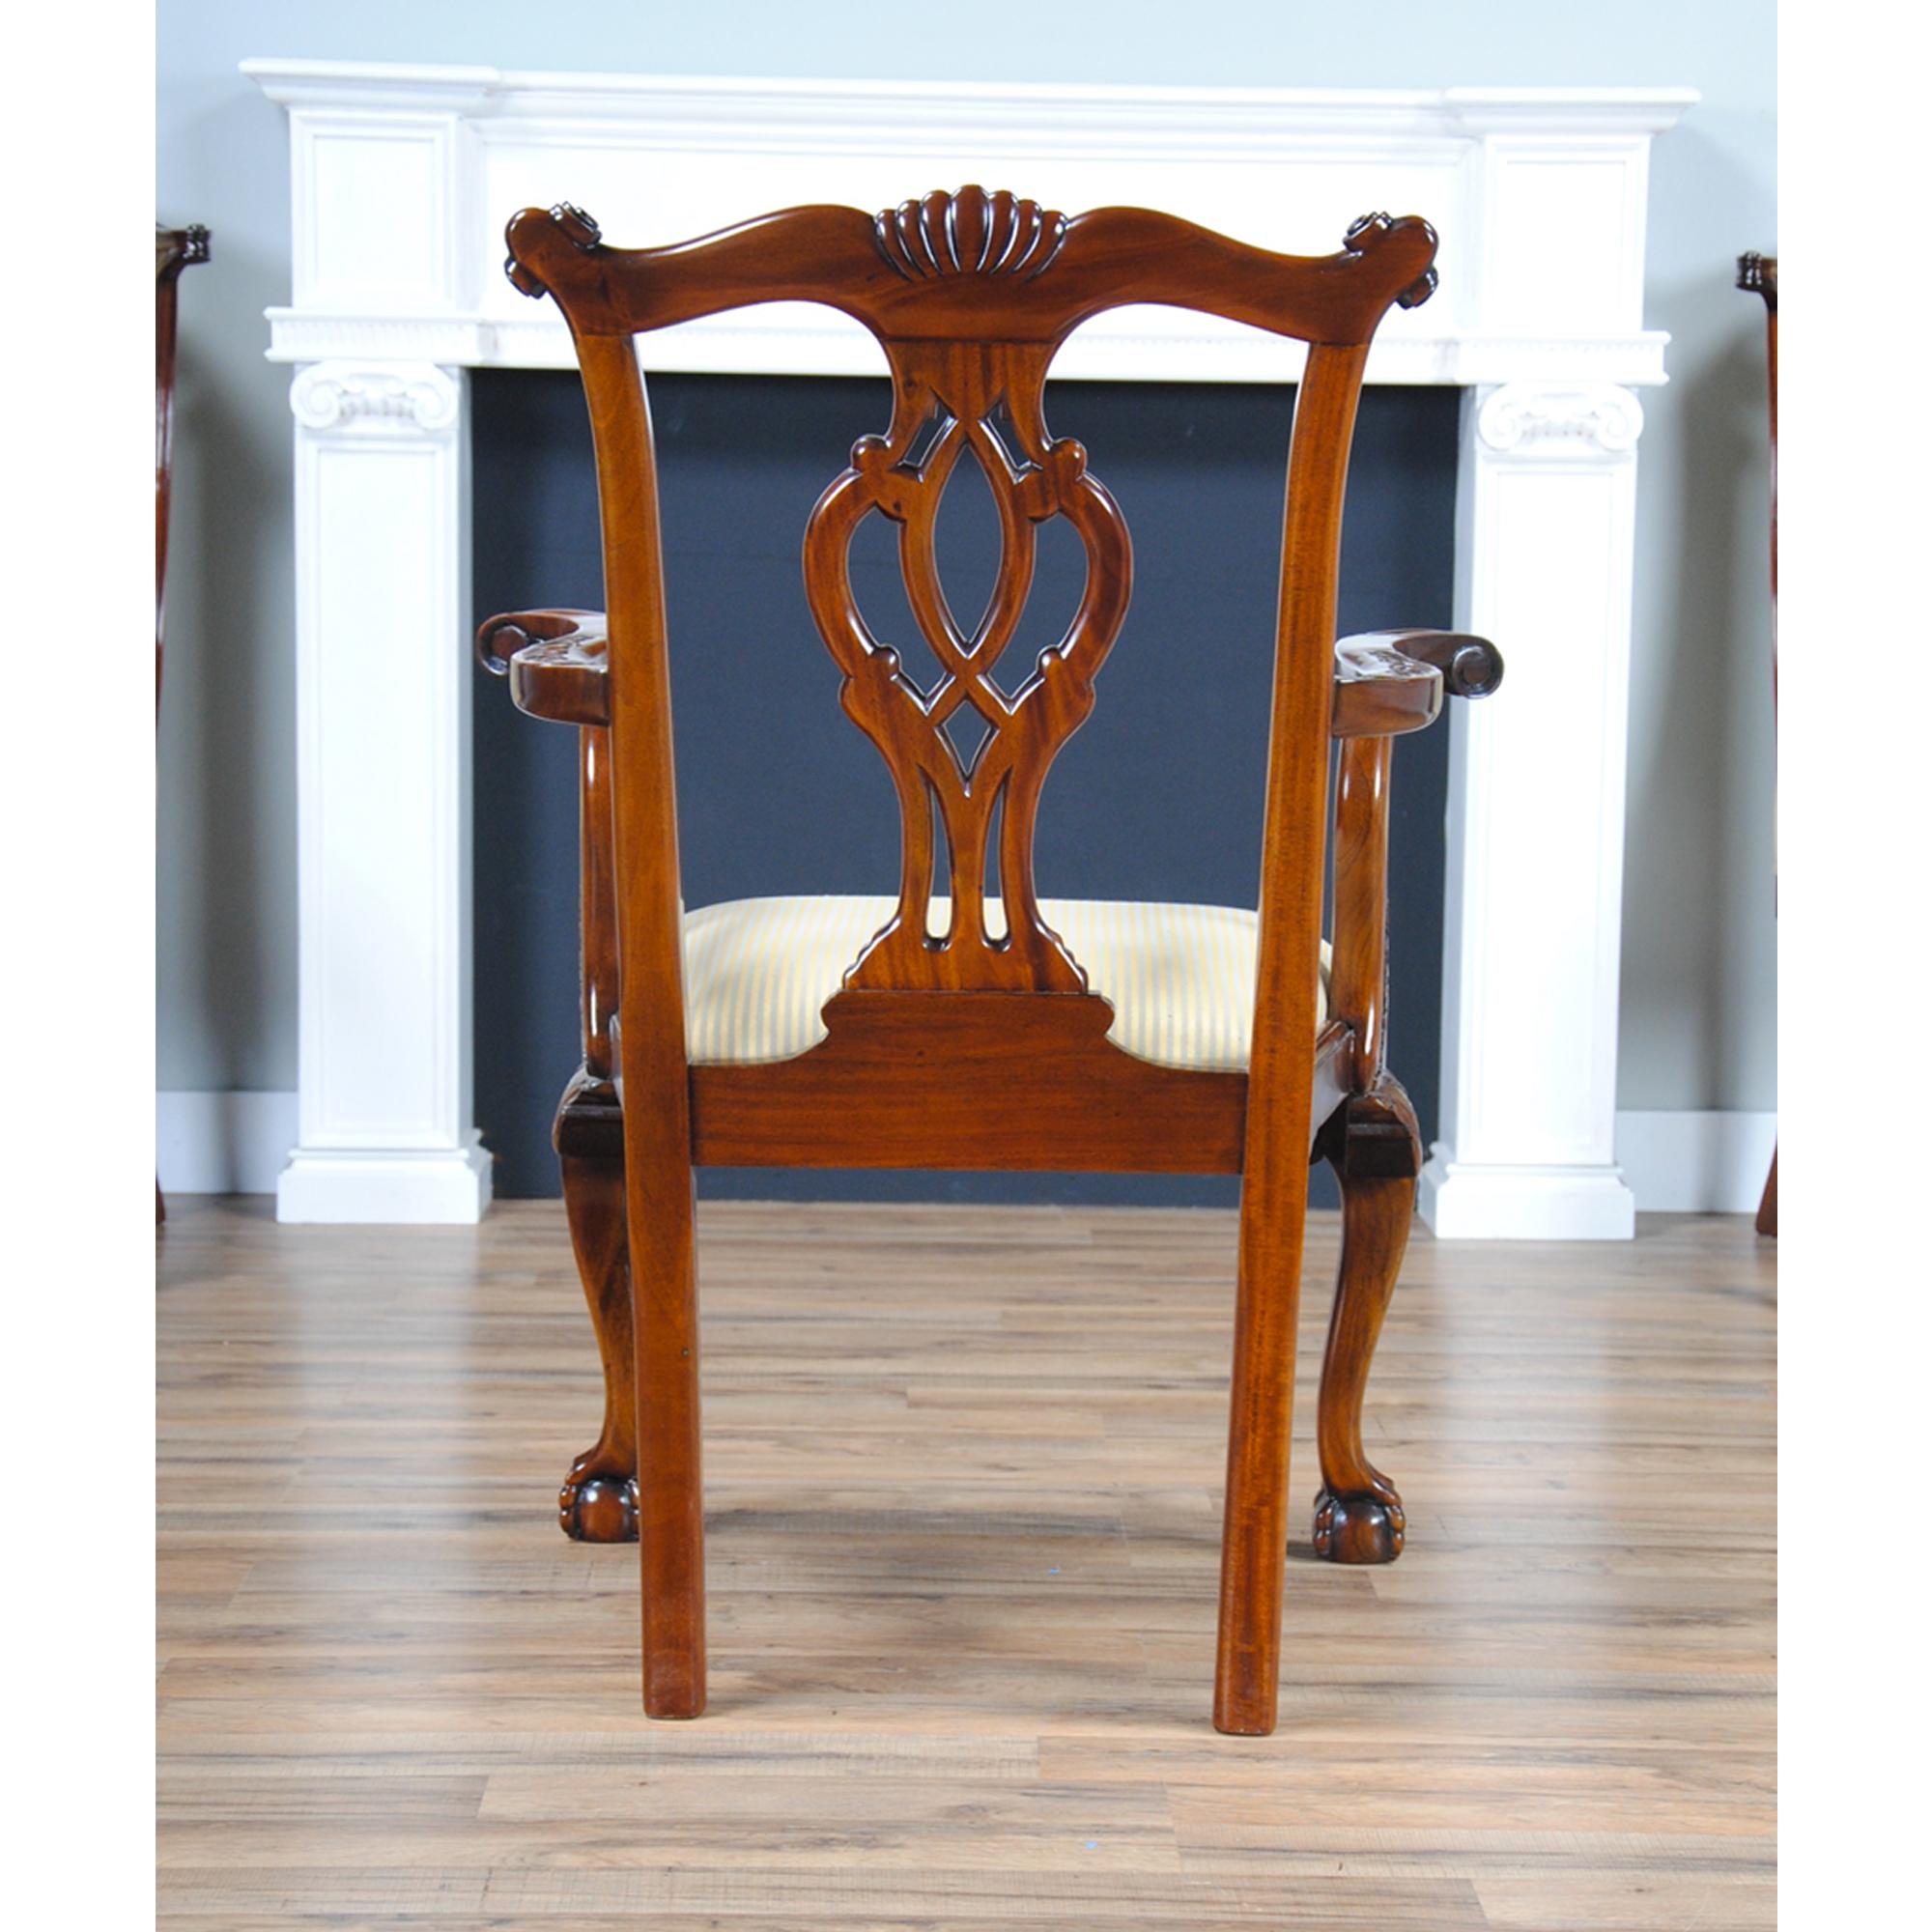 Philadelphia Chippendale Arm Chair, Niagara Furniture